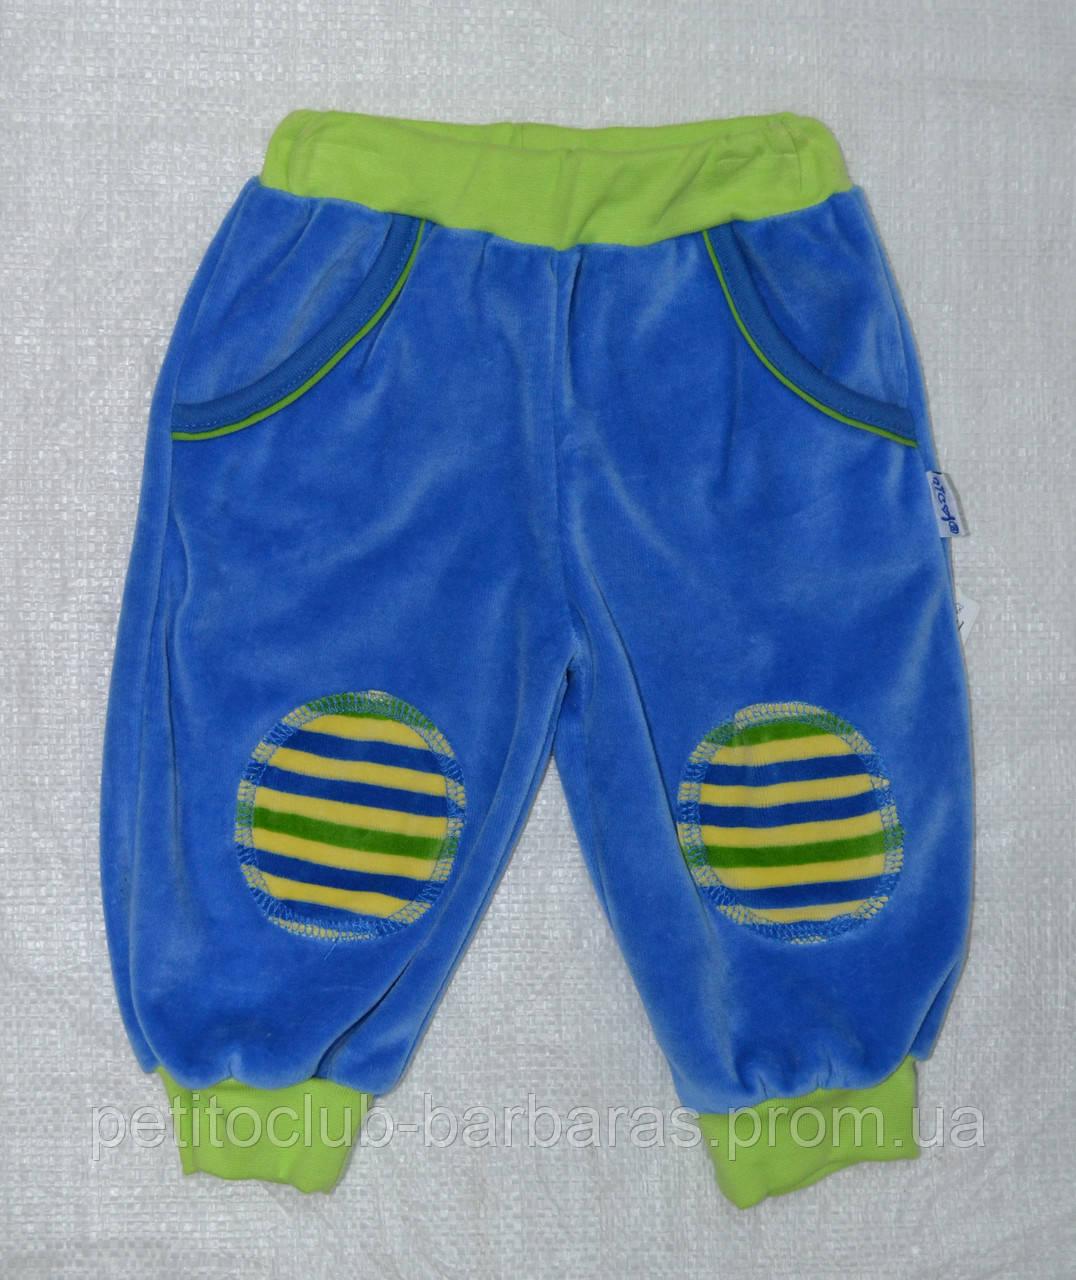 Детские велюровые штаны голубые Чемпион р. 68-98 см (Nicol, Польша)